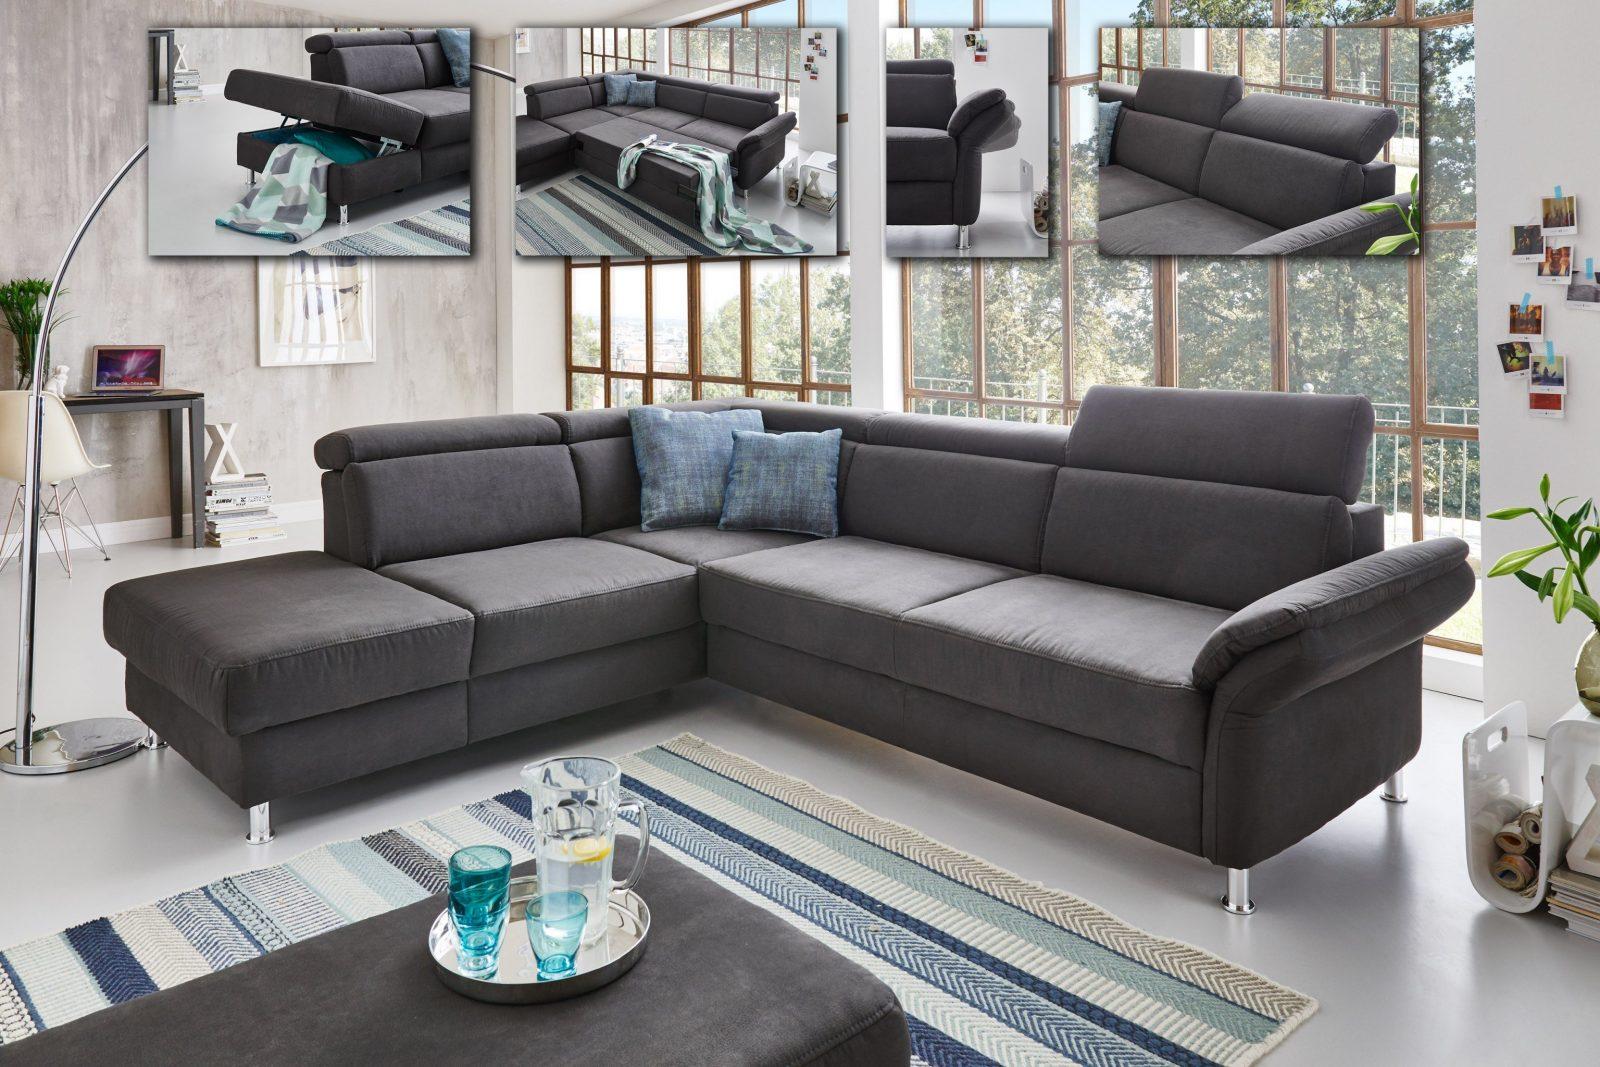 Sitmore Polstermöbel  Möbel Letz  Ihr Onlineshop von Sit And More Polsterecke Photo